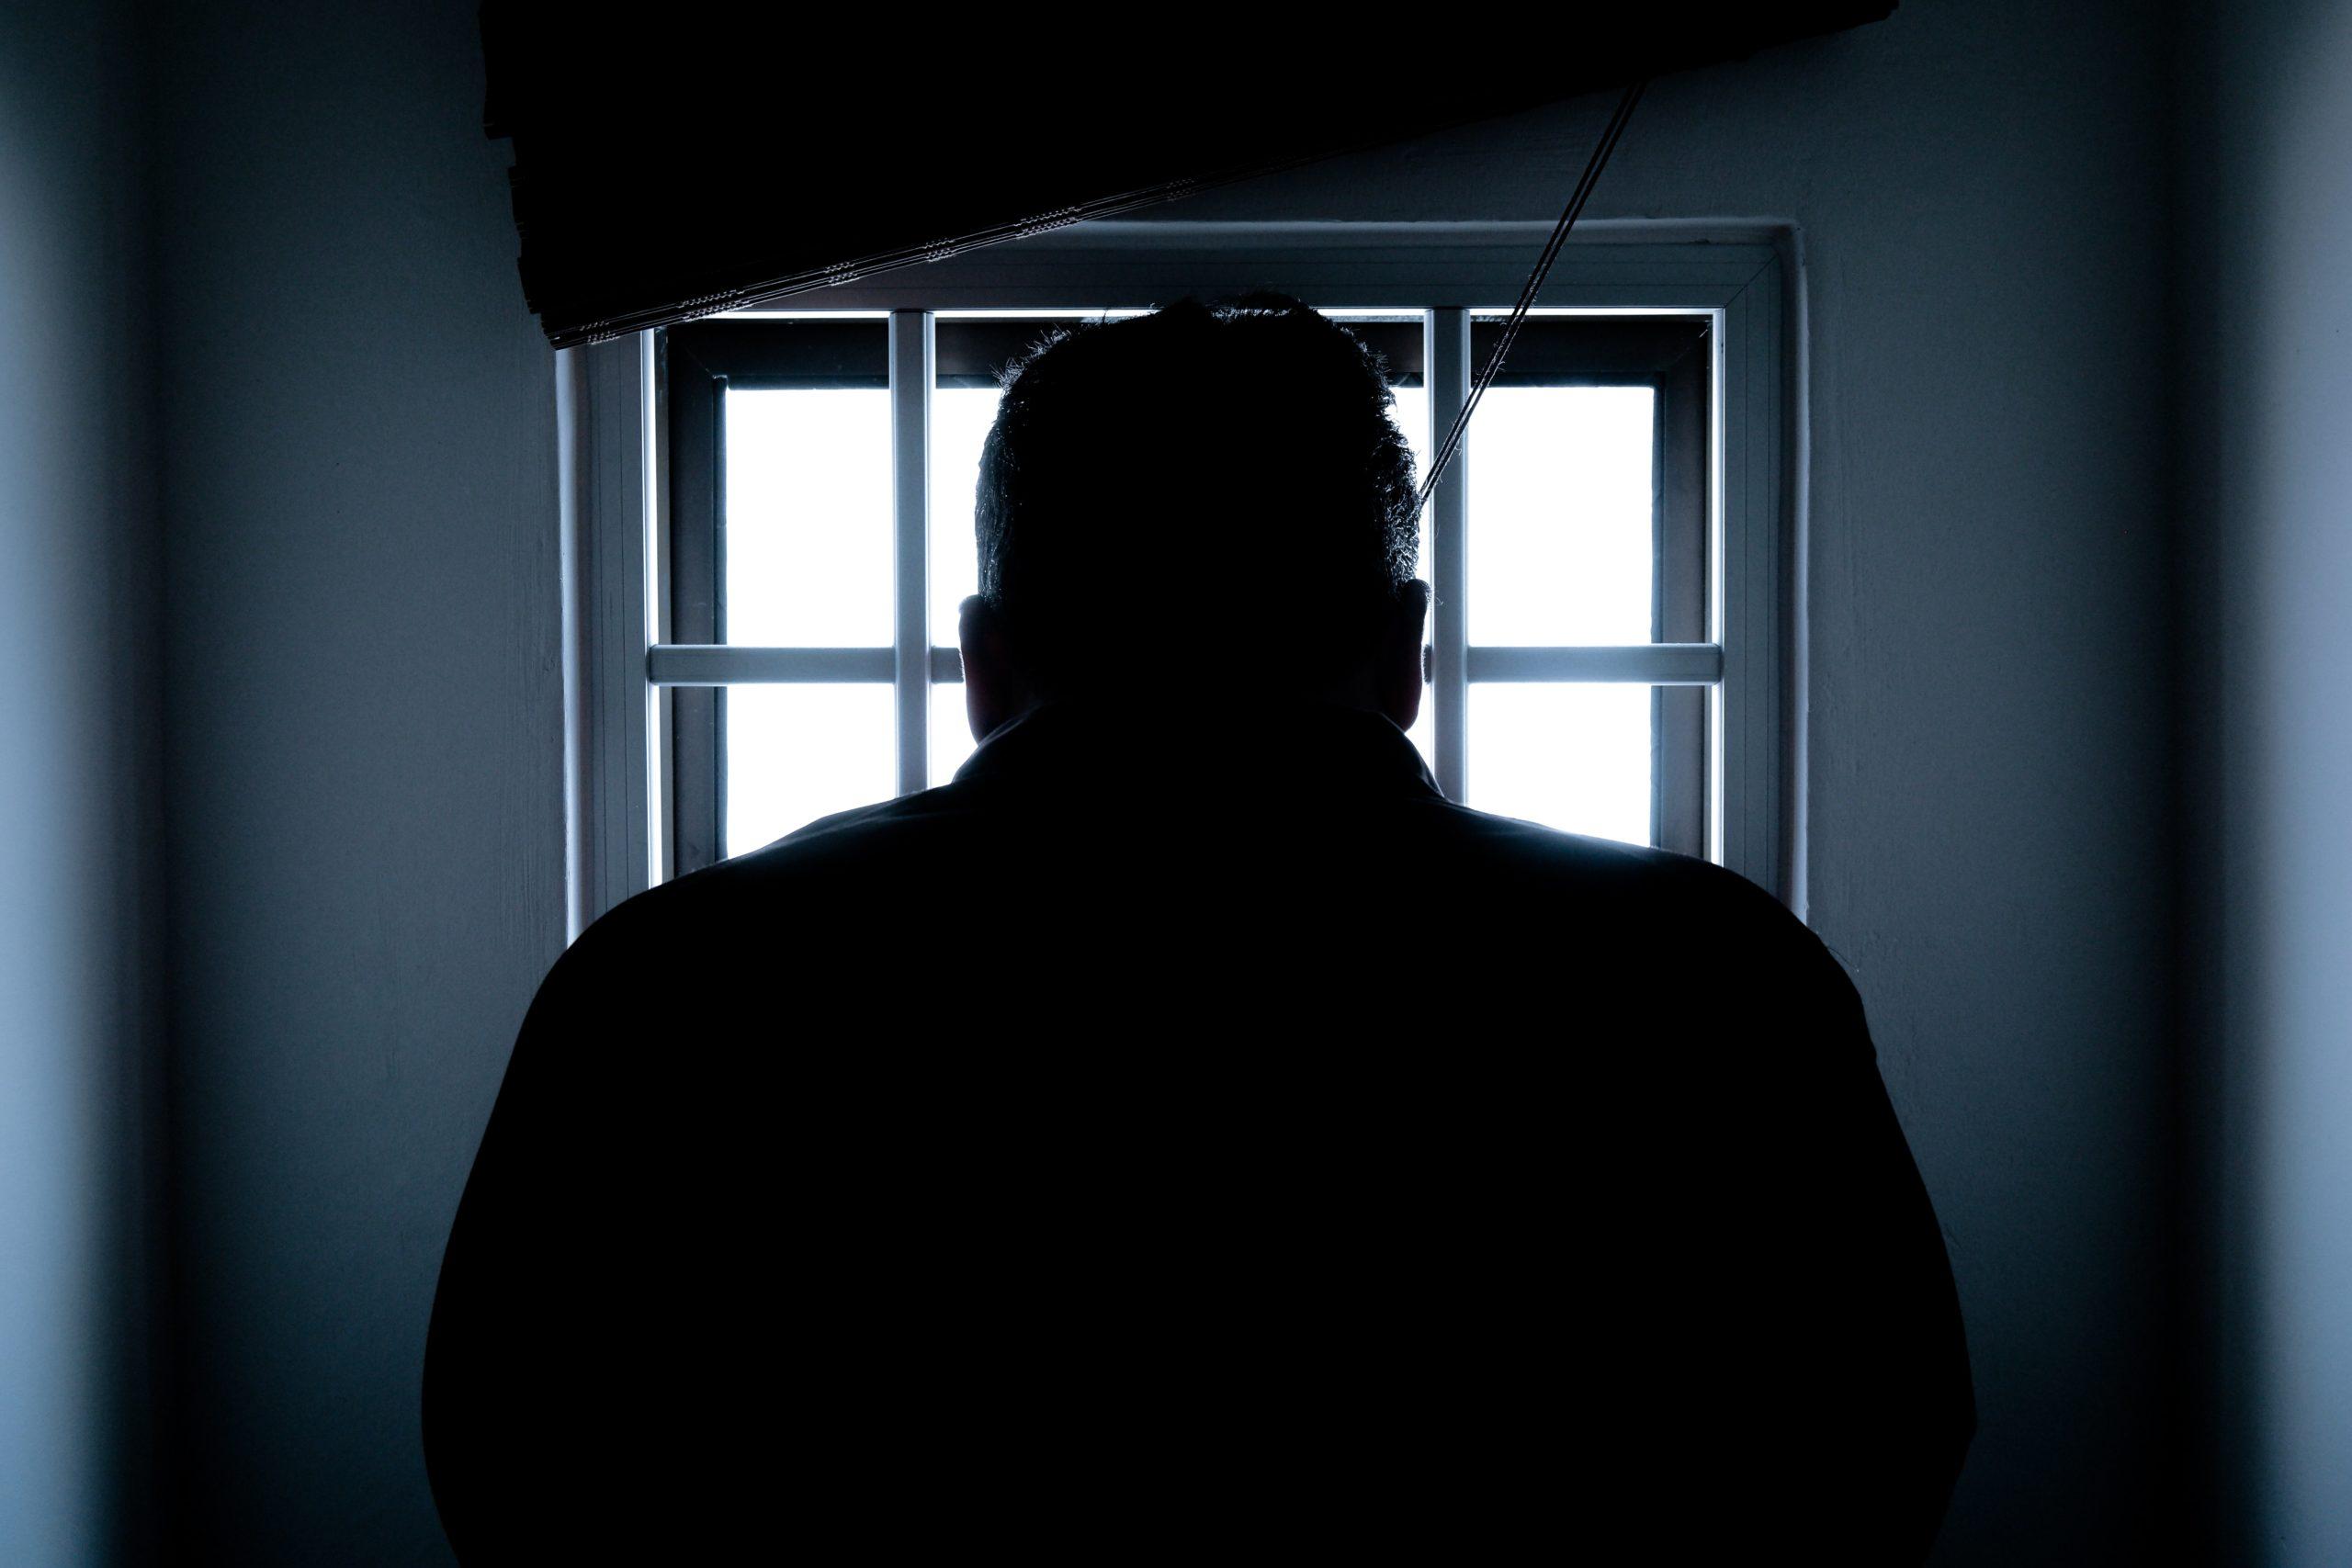 Ley-Orgánica-2021-de-los-ciudadanos-implicados-en-causas-penales-foto-principal-onbranding